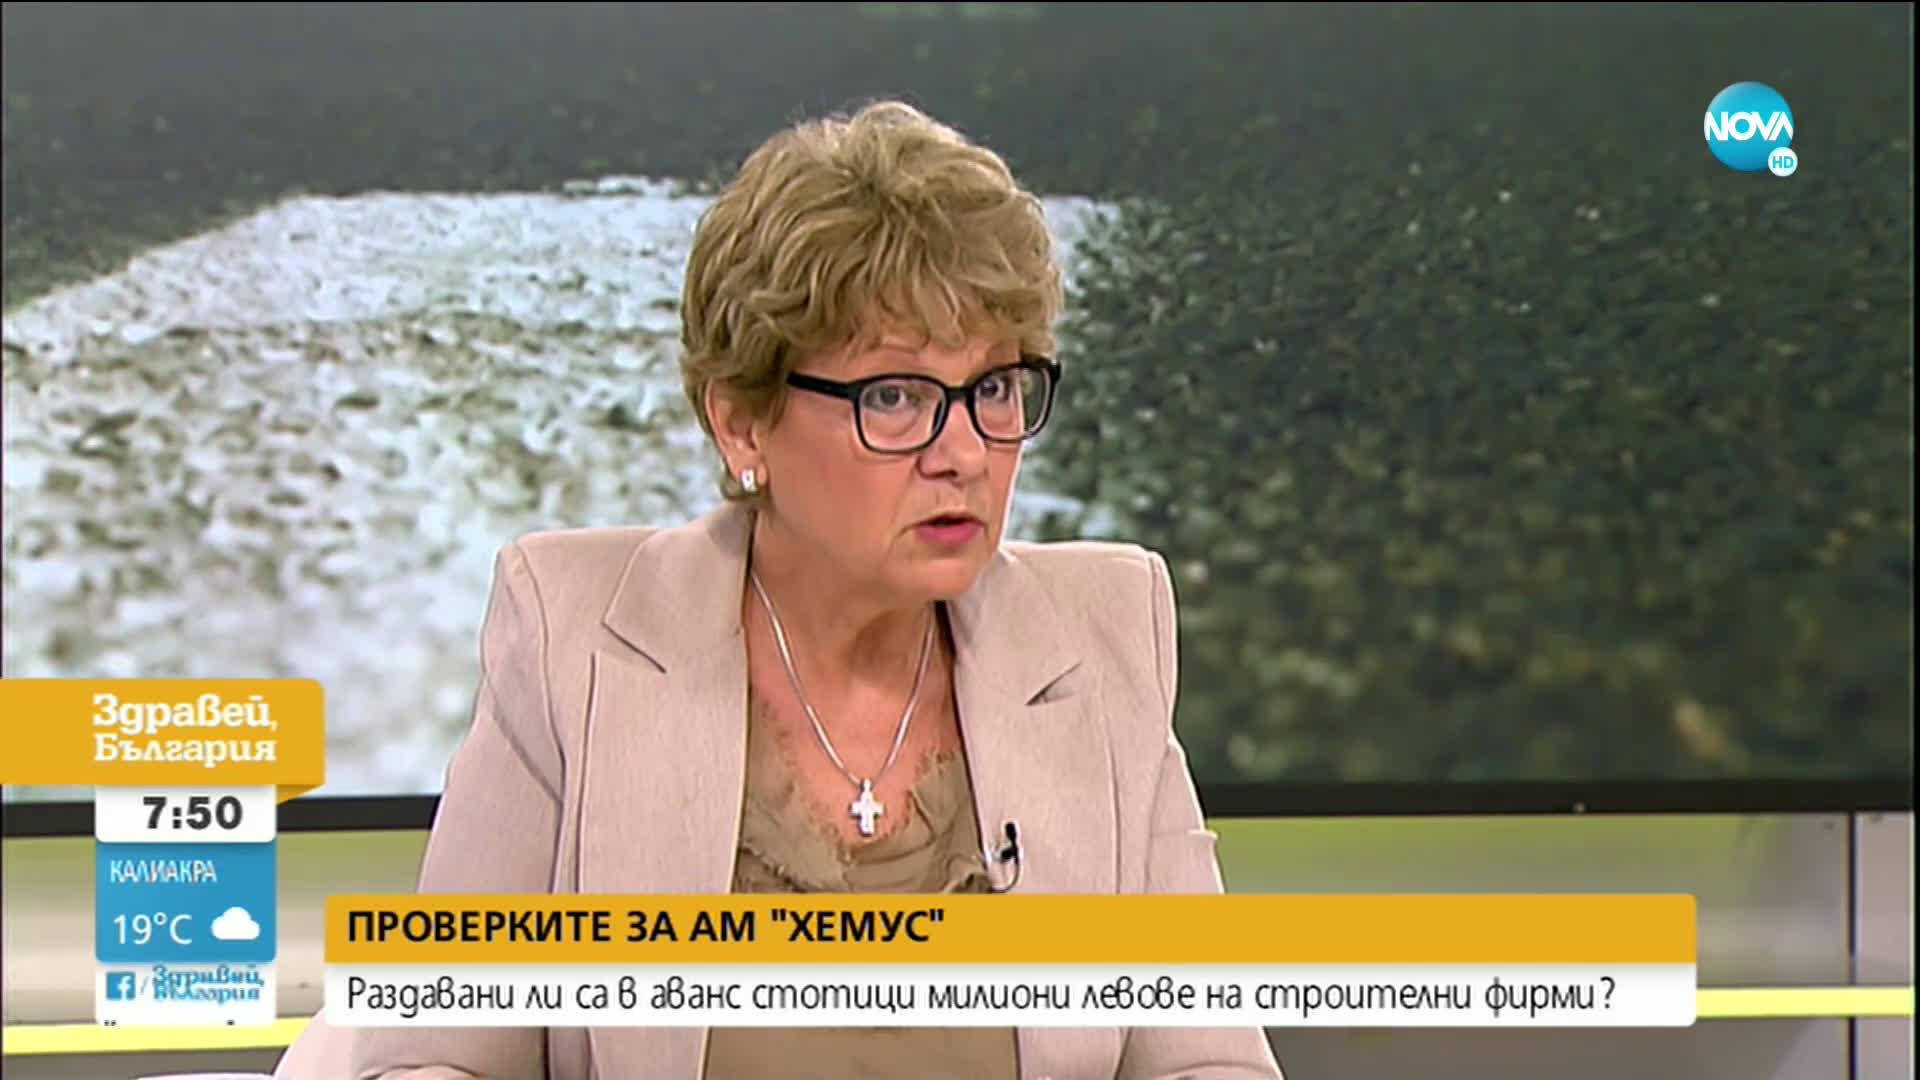 Министър Комитова: Няма как да спрем строителство, което не е започнало